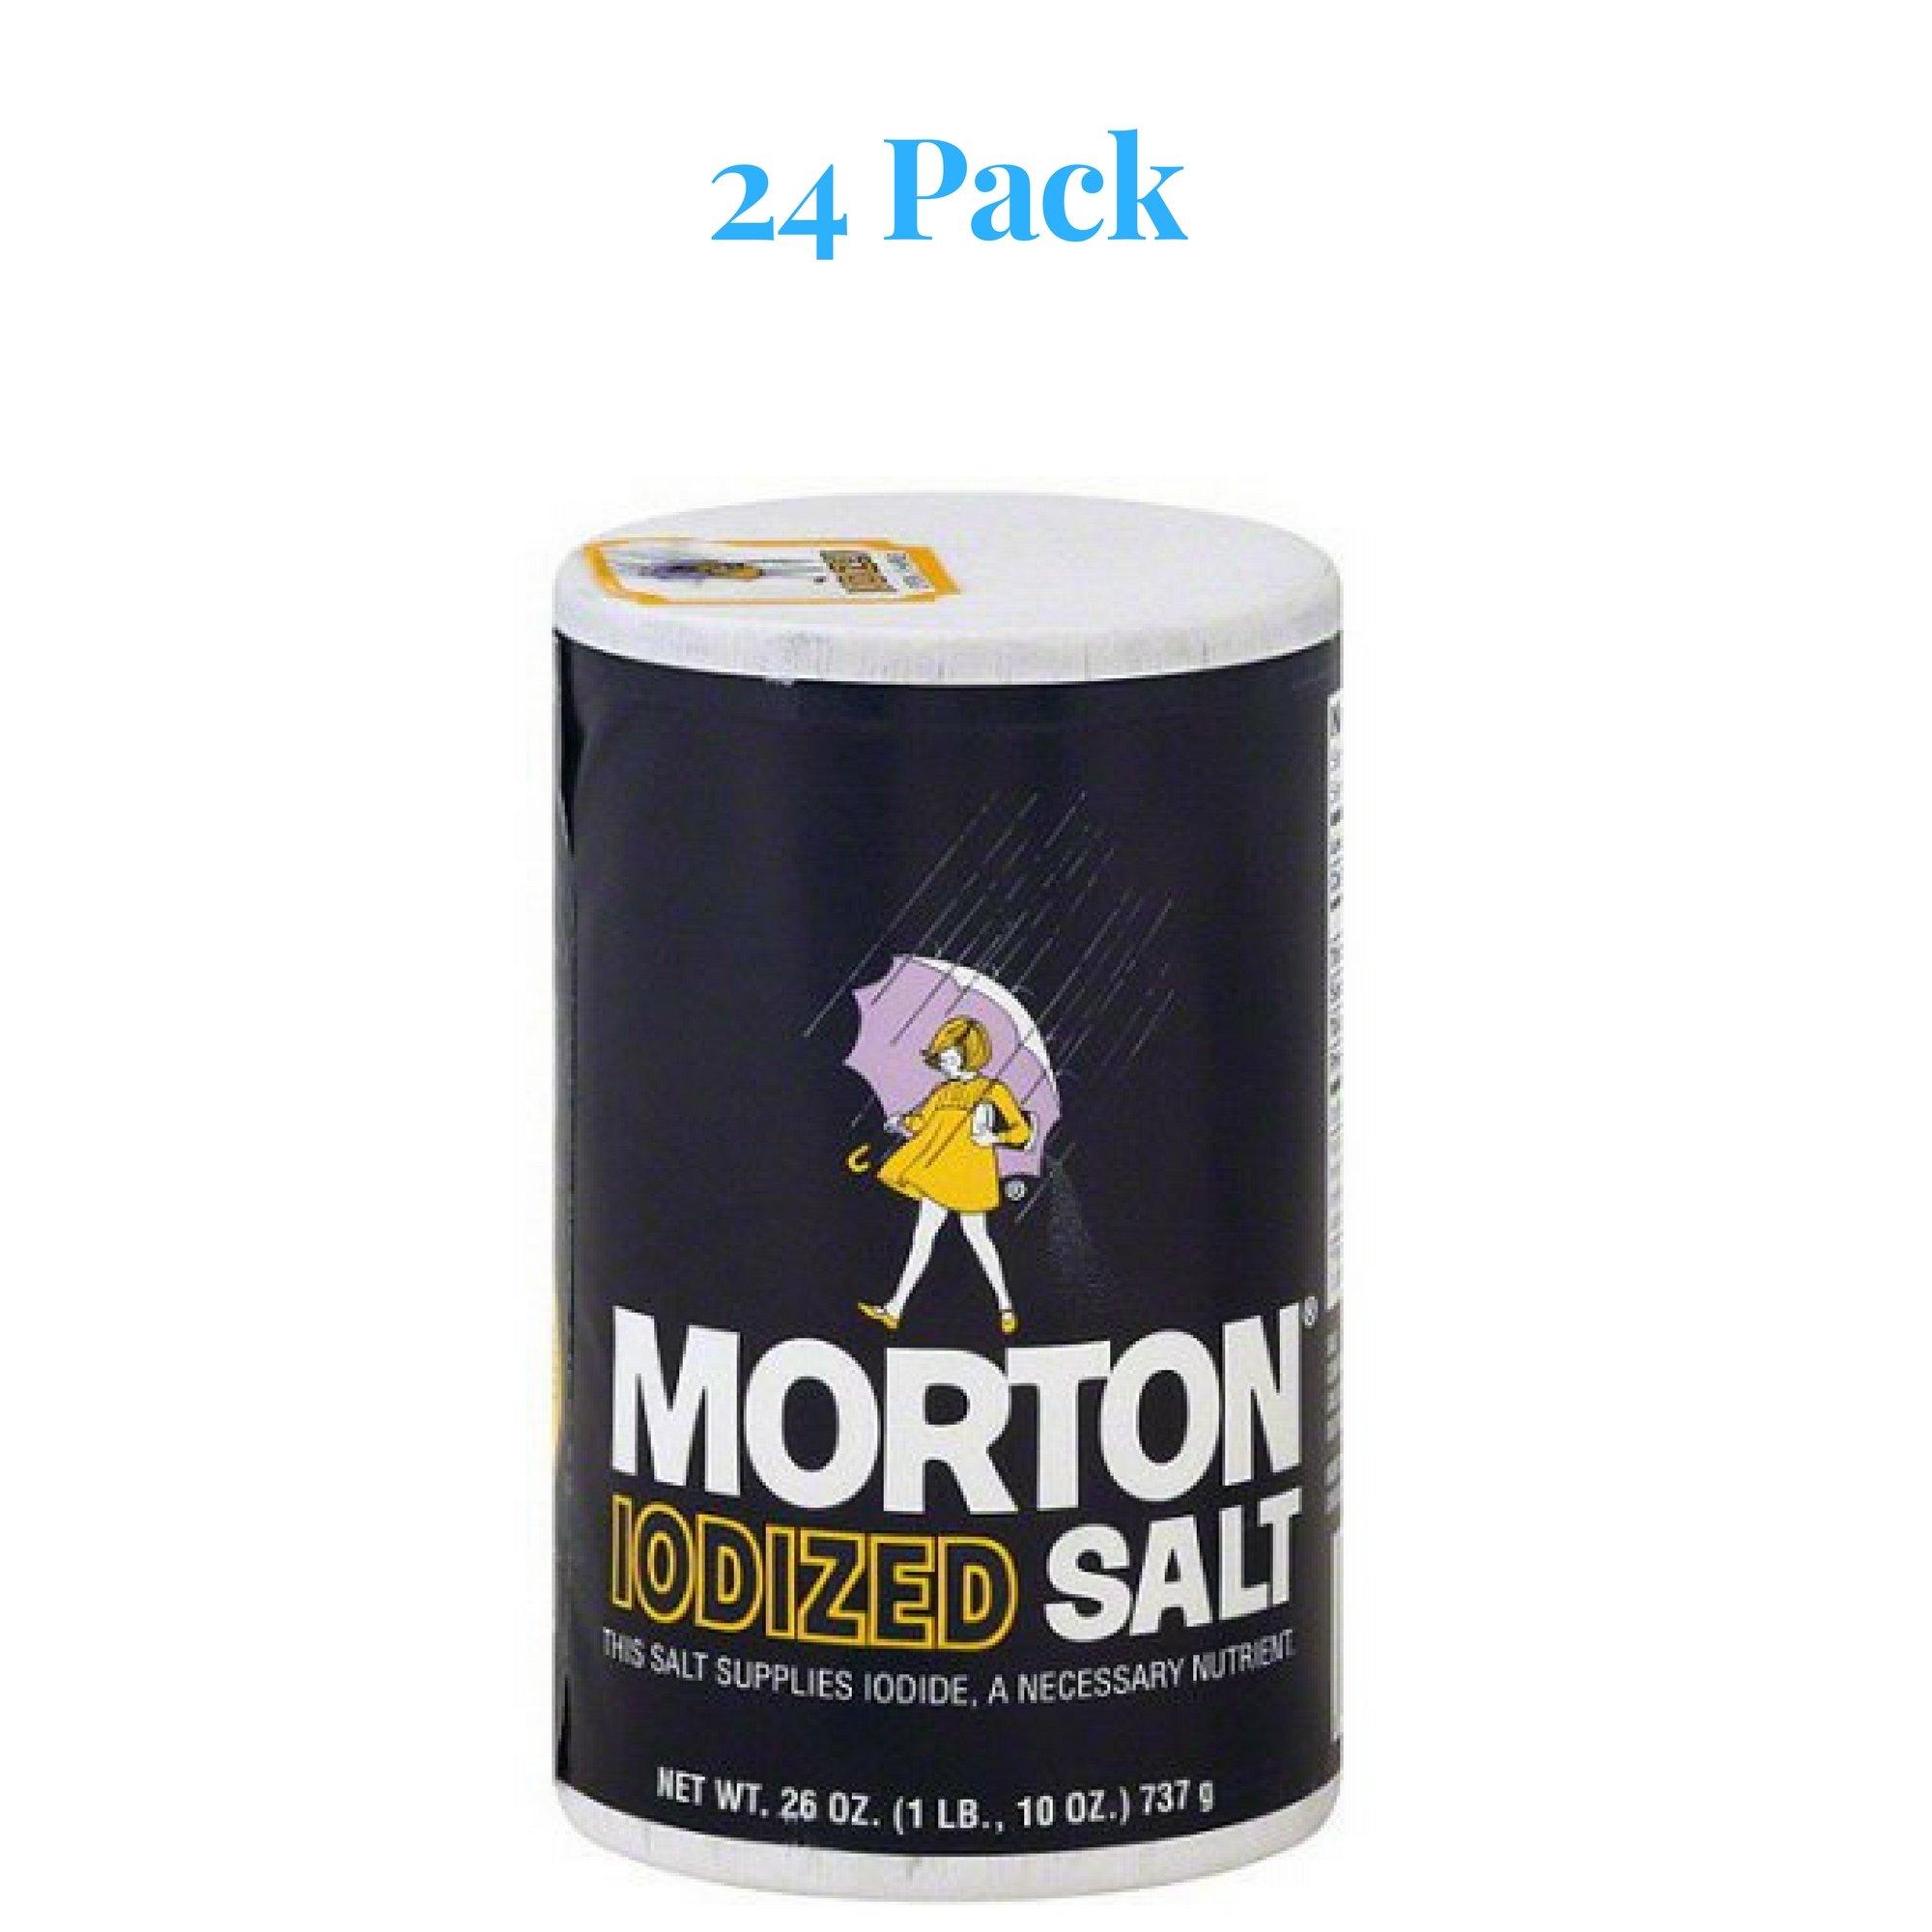 Morton Iodized Salt, 26 oz by Morton